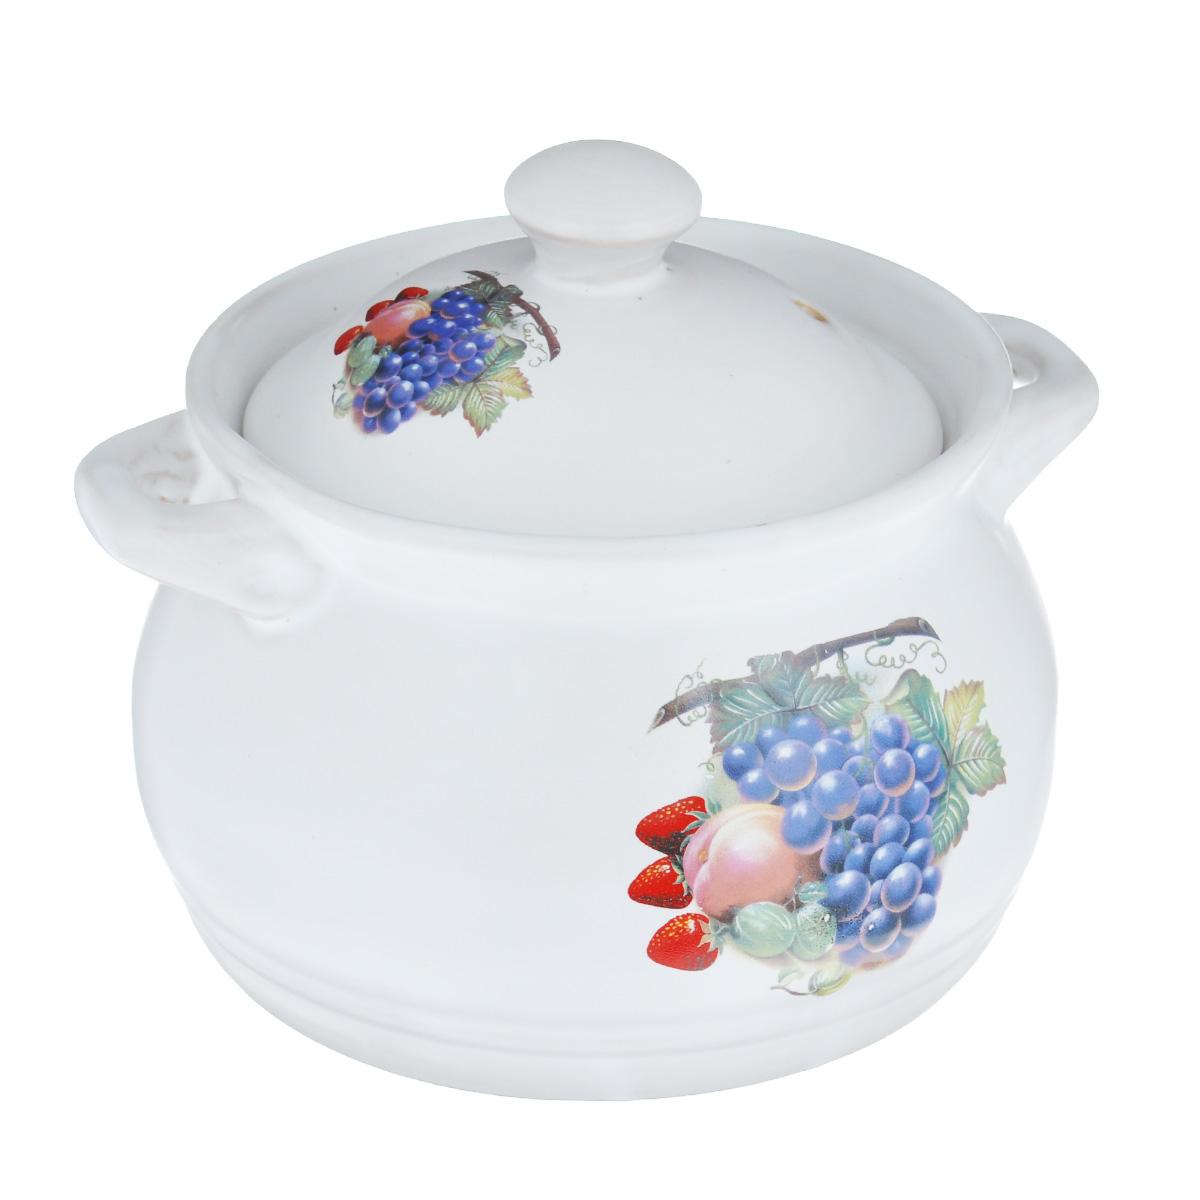 Кастрюля Bekker Фрукты с крышкой, 1,8 лBK-7320Кастрюля Bekker Фрукты изготовлена из жаропрочной керамики и декорирована изображением фруктов. При приготовлении в керамической посуде сохраняются питательные вещества и витамины. Керамика - прочный материал, который эффективно и быстро нагревается и удерживает тепло, медленно и равномерно его распределяя. Кроме того, керамика термостойка: она выдерживает температуру от - 30°С до 230°С. Кастрюля оснащена удобными ручками. Крышка изготовлена из керамики и оснащена отверстием для выхода пара. Она плотно прилегает к краю кастрюли, сохраняя аромат блюд. Можно использовать на газовой, электрической, керамической плитах и в духовом шкафу. Не подходит для индукционных плит. Не рекомендуется мыть в посудомоечной машине. Диаметр кастрюли (по верхнему краю): 16 см. Высота стенки кастрюли: 11 см. Толщина стенки кастрюли: 4 мм. Толщина дна кастрюли: 4 мм. Ширина кастрюли с учетом ручек: 20,5 см.